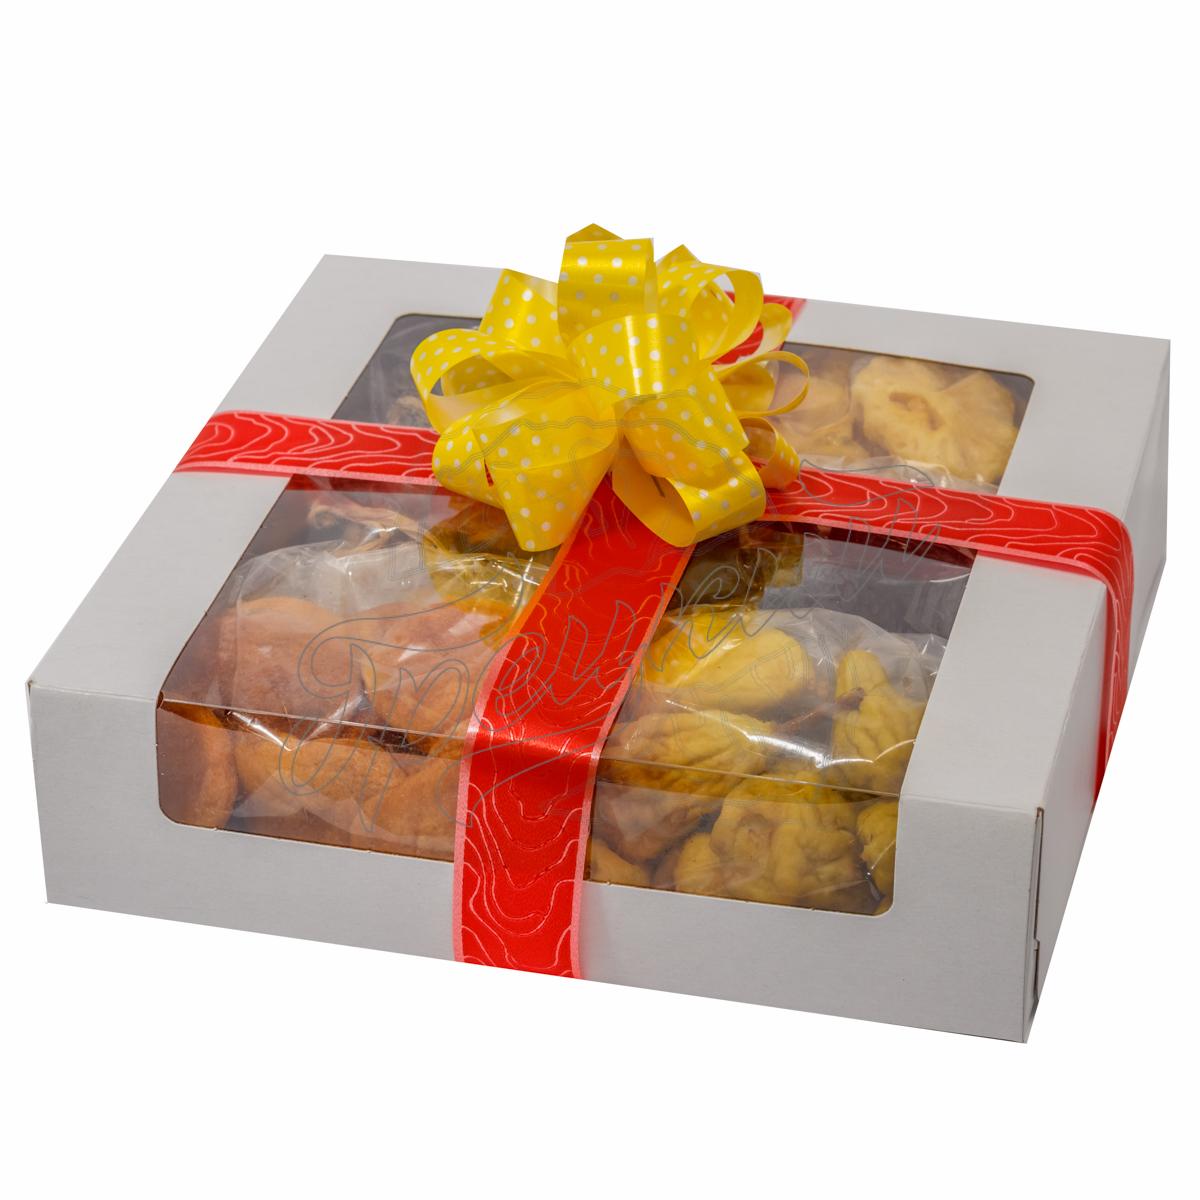 Подарки из орехов, сухофруктов, сладостей в красивой 15